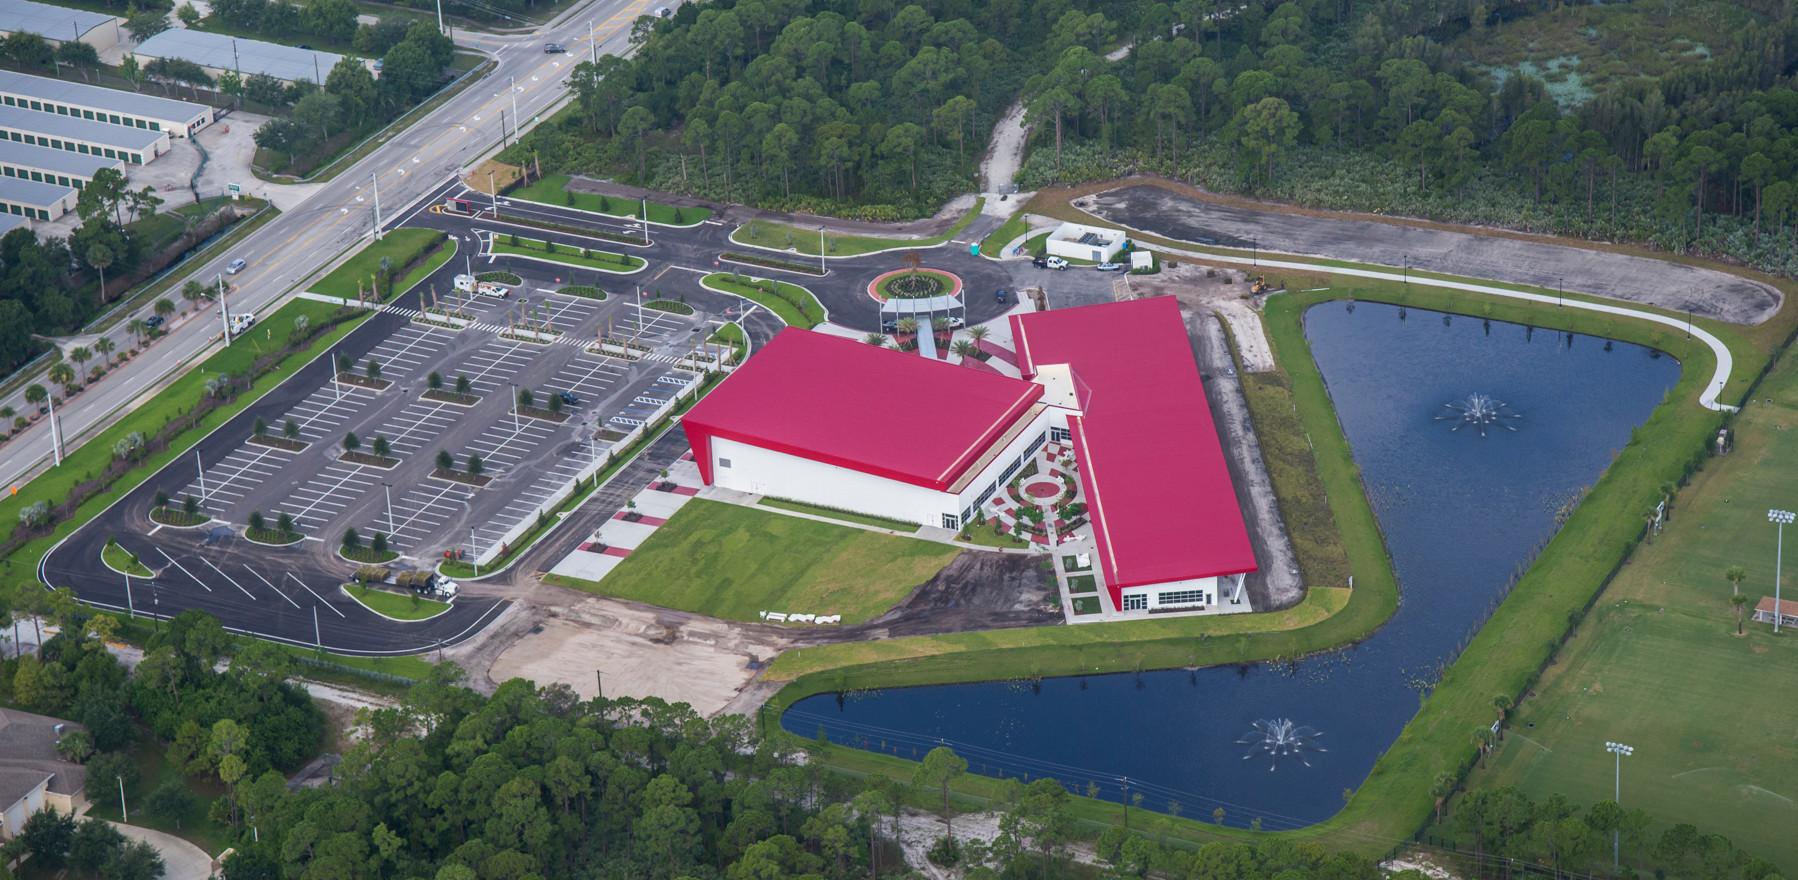 IRC Intergenerational Recreation Center